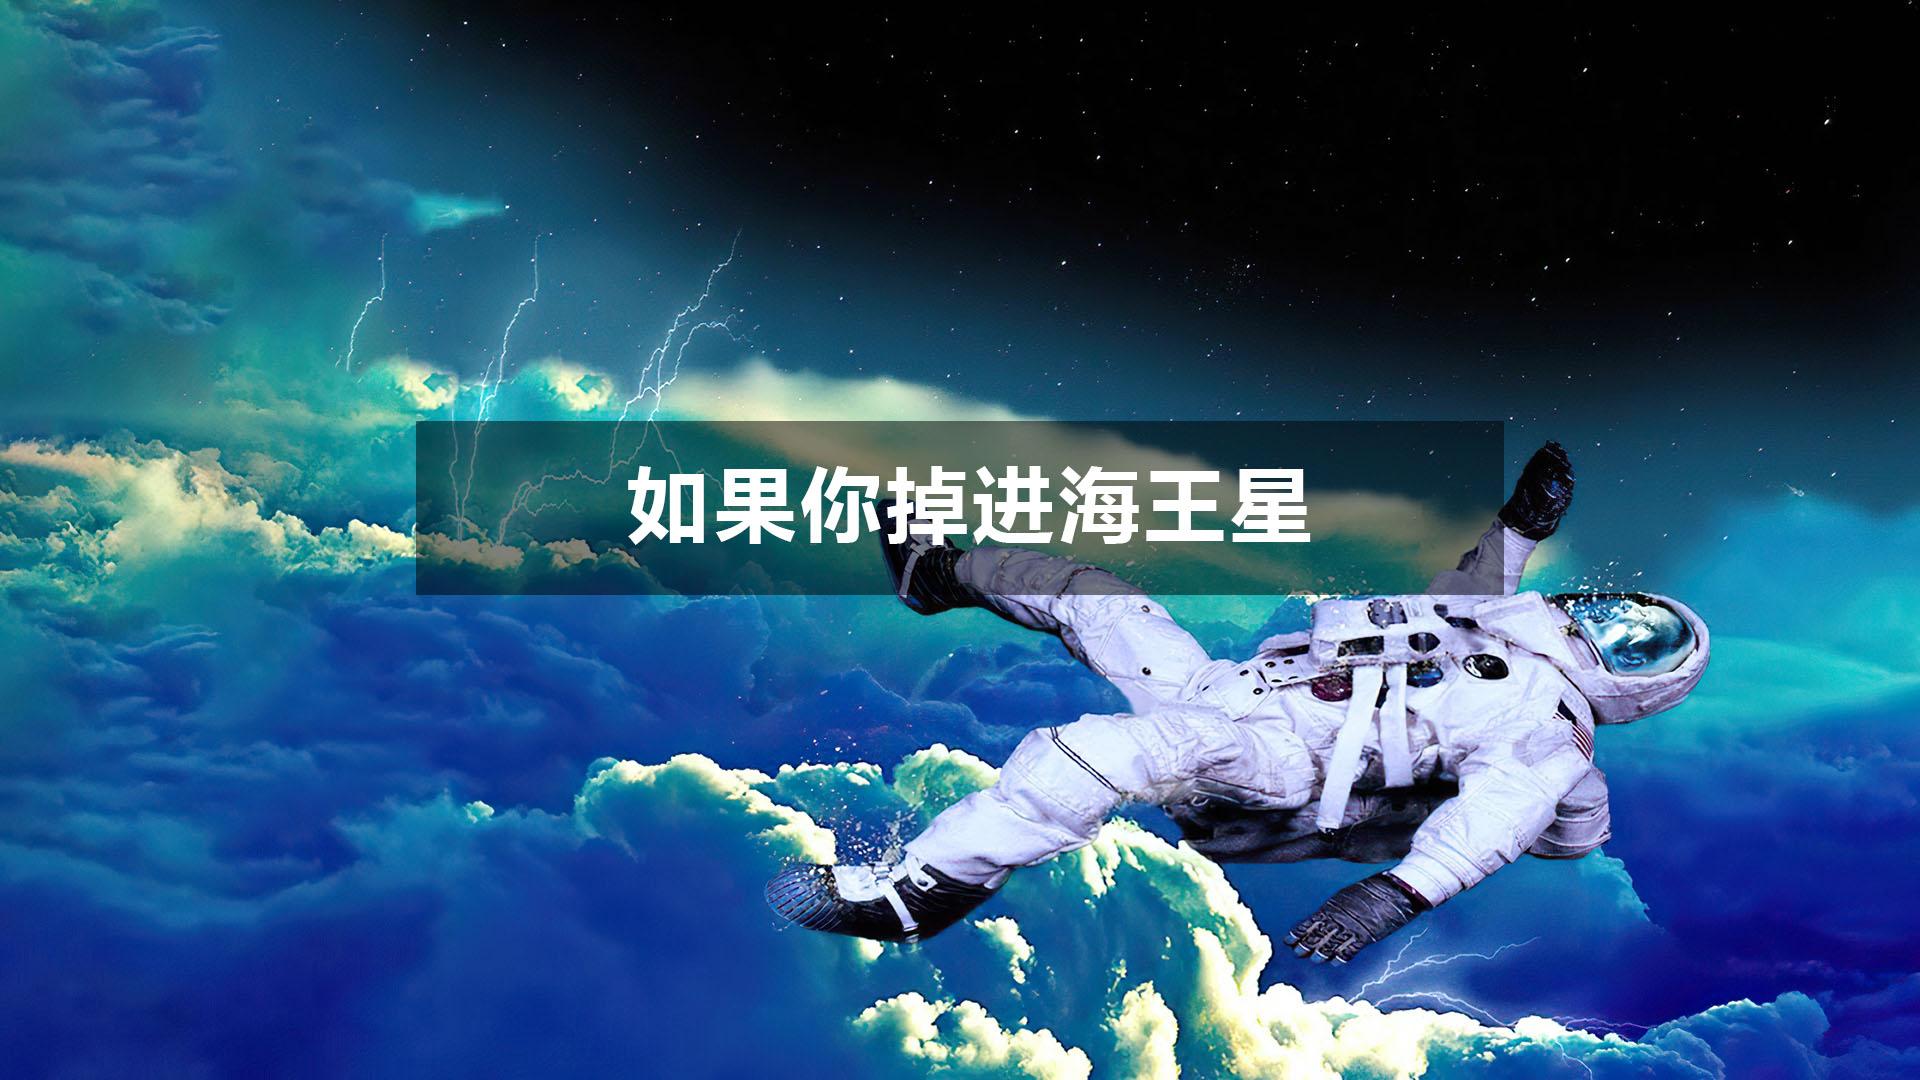 如果你掉进海王星,会看到什么?会成为亿万富翁吗?4K